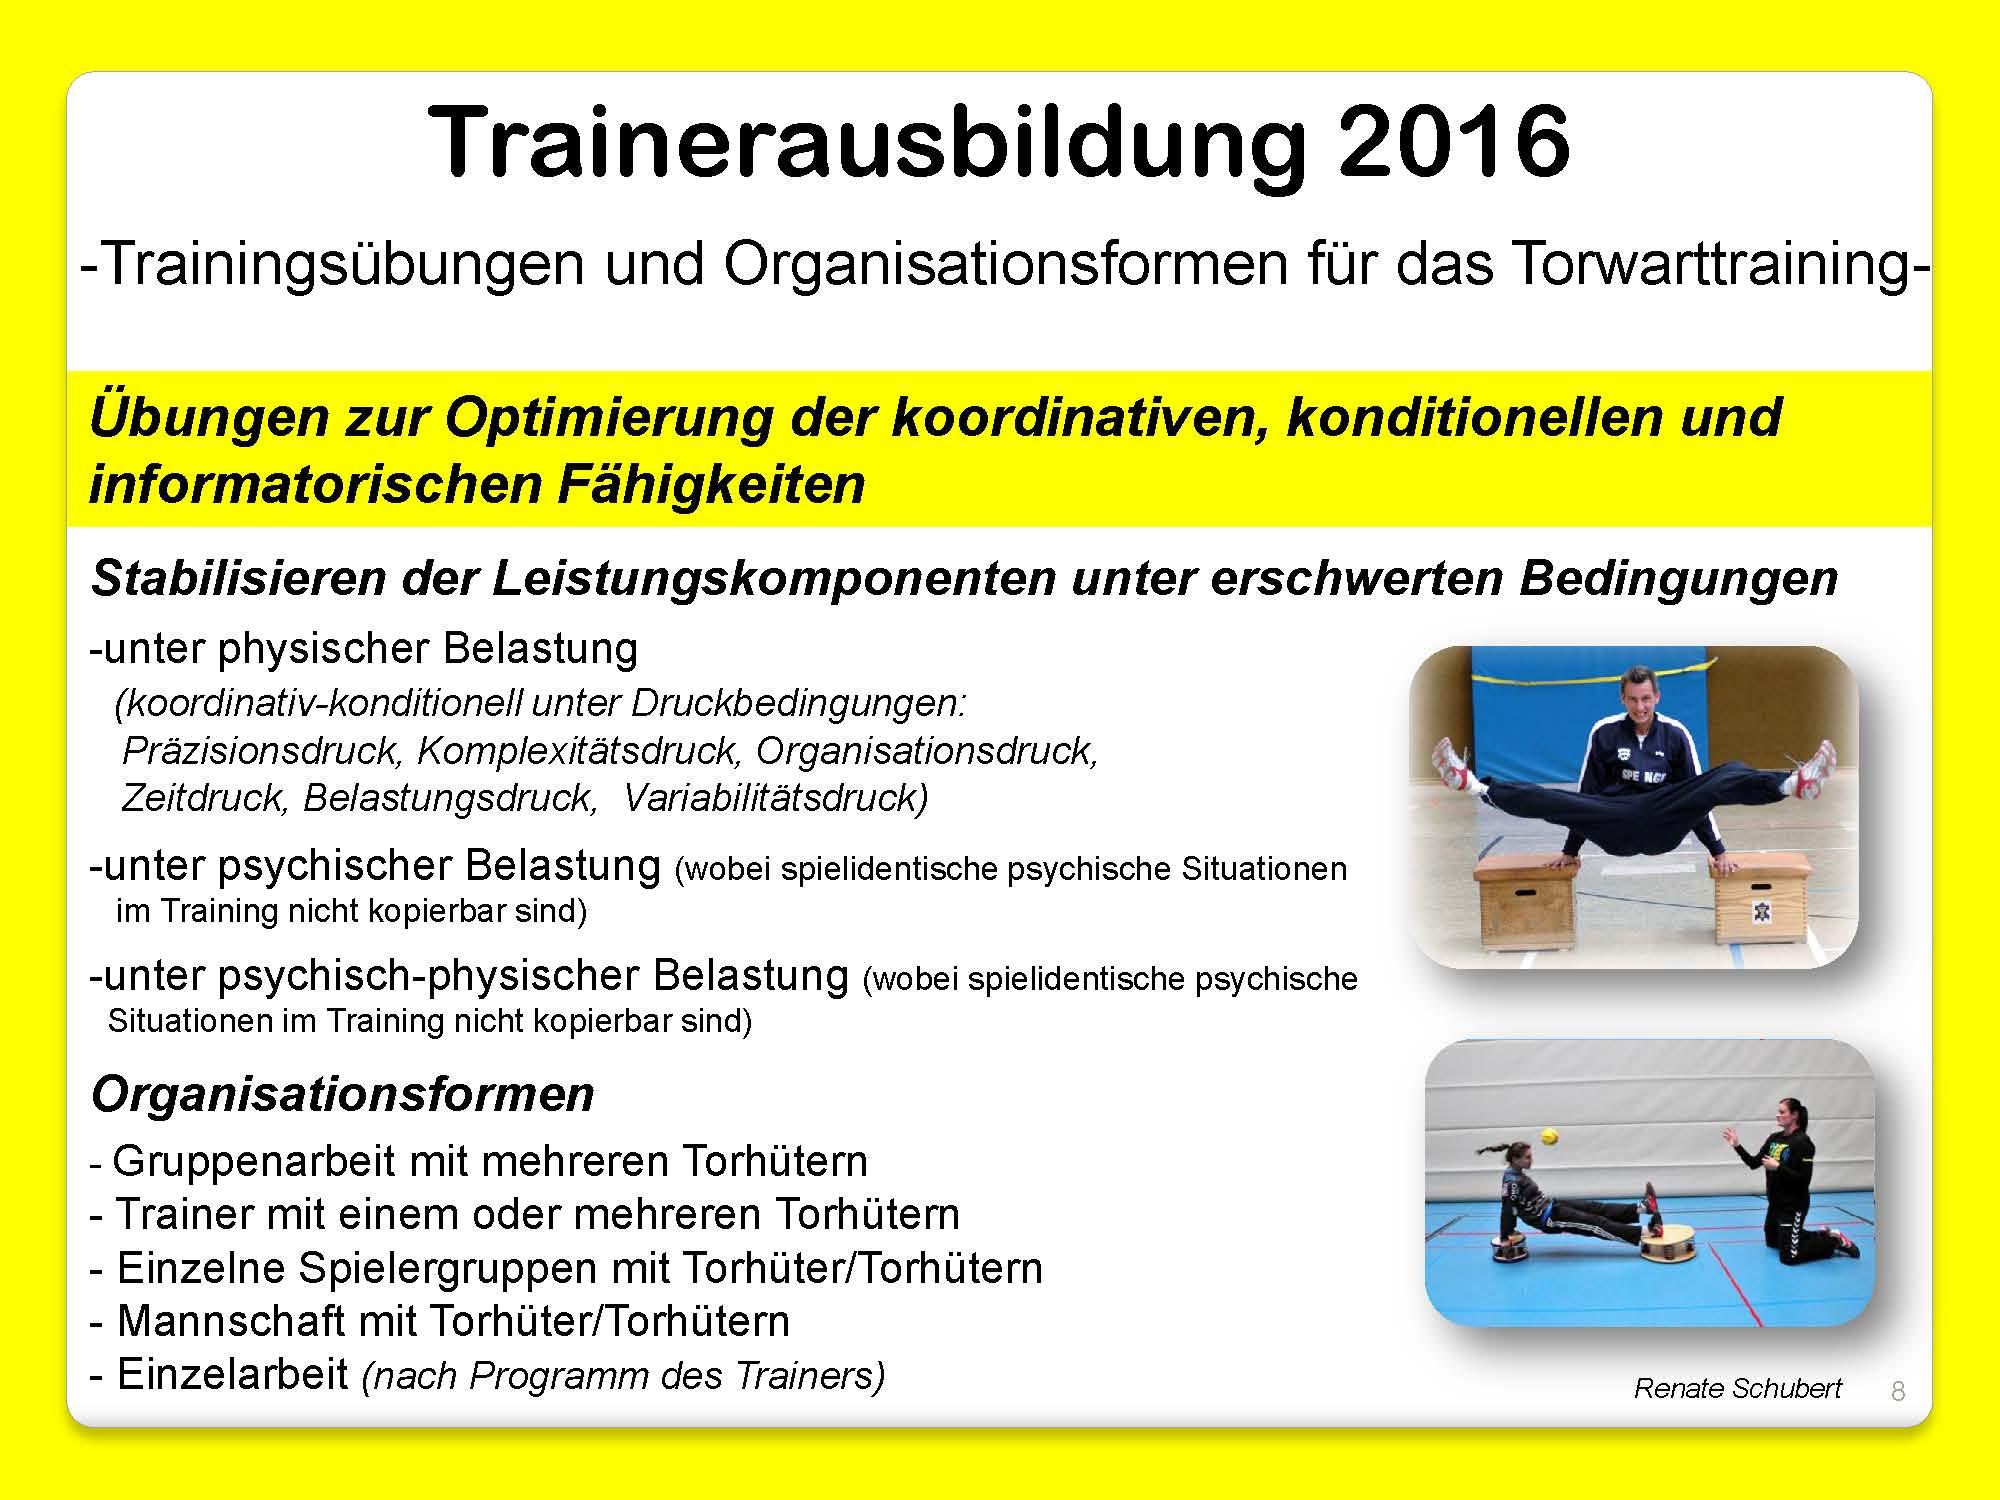 trainerausbildung_2016_Seite_08